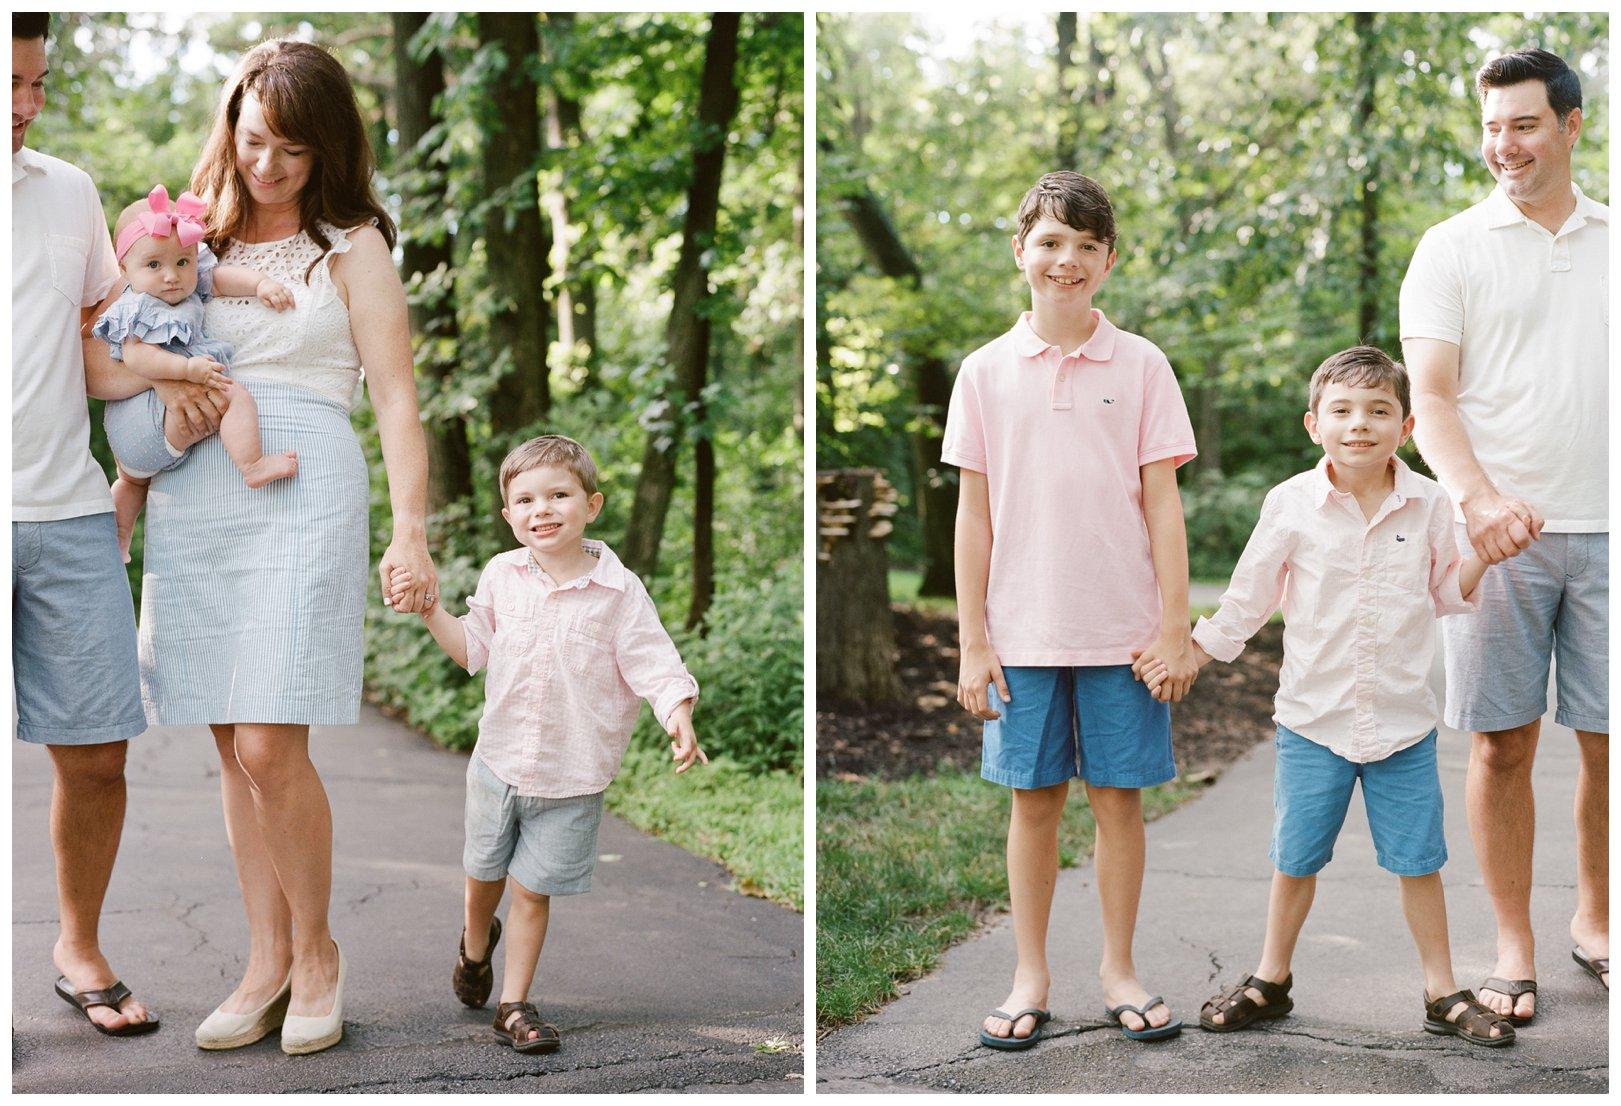 lauren muckler photography_fine art film wedding photography_st louis_photography_3451.jpg